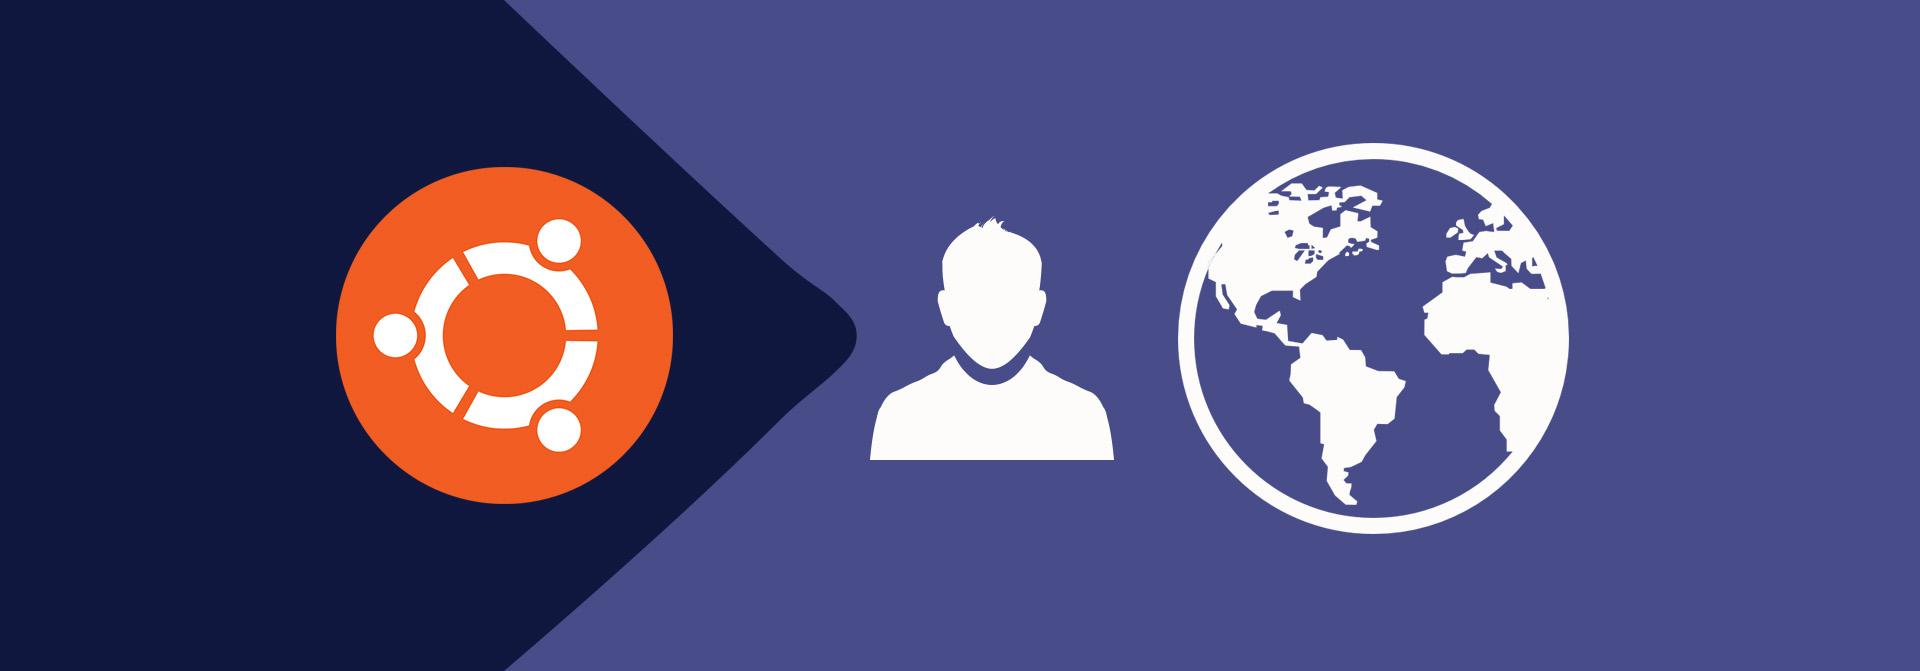 How To Change Hostname On Ubuntu